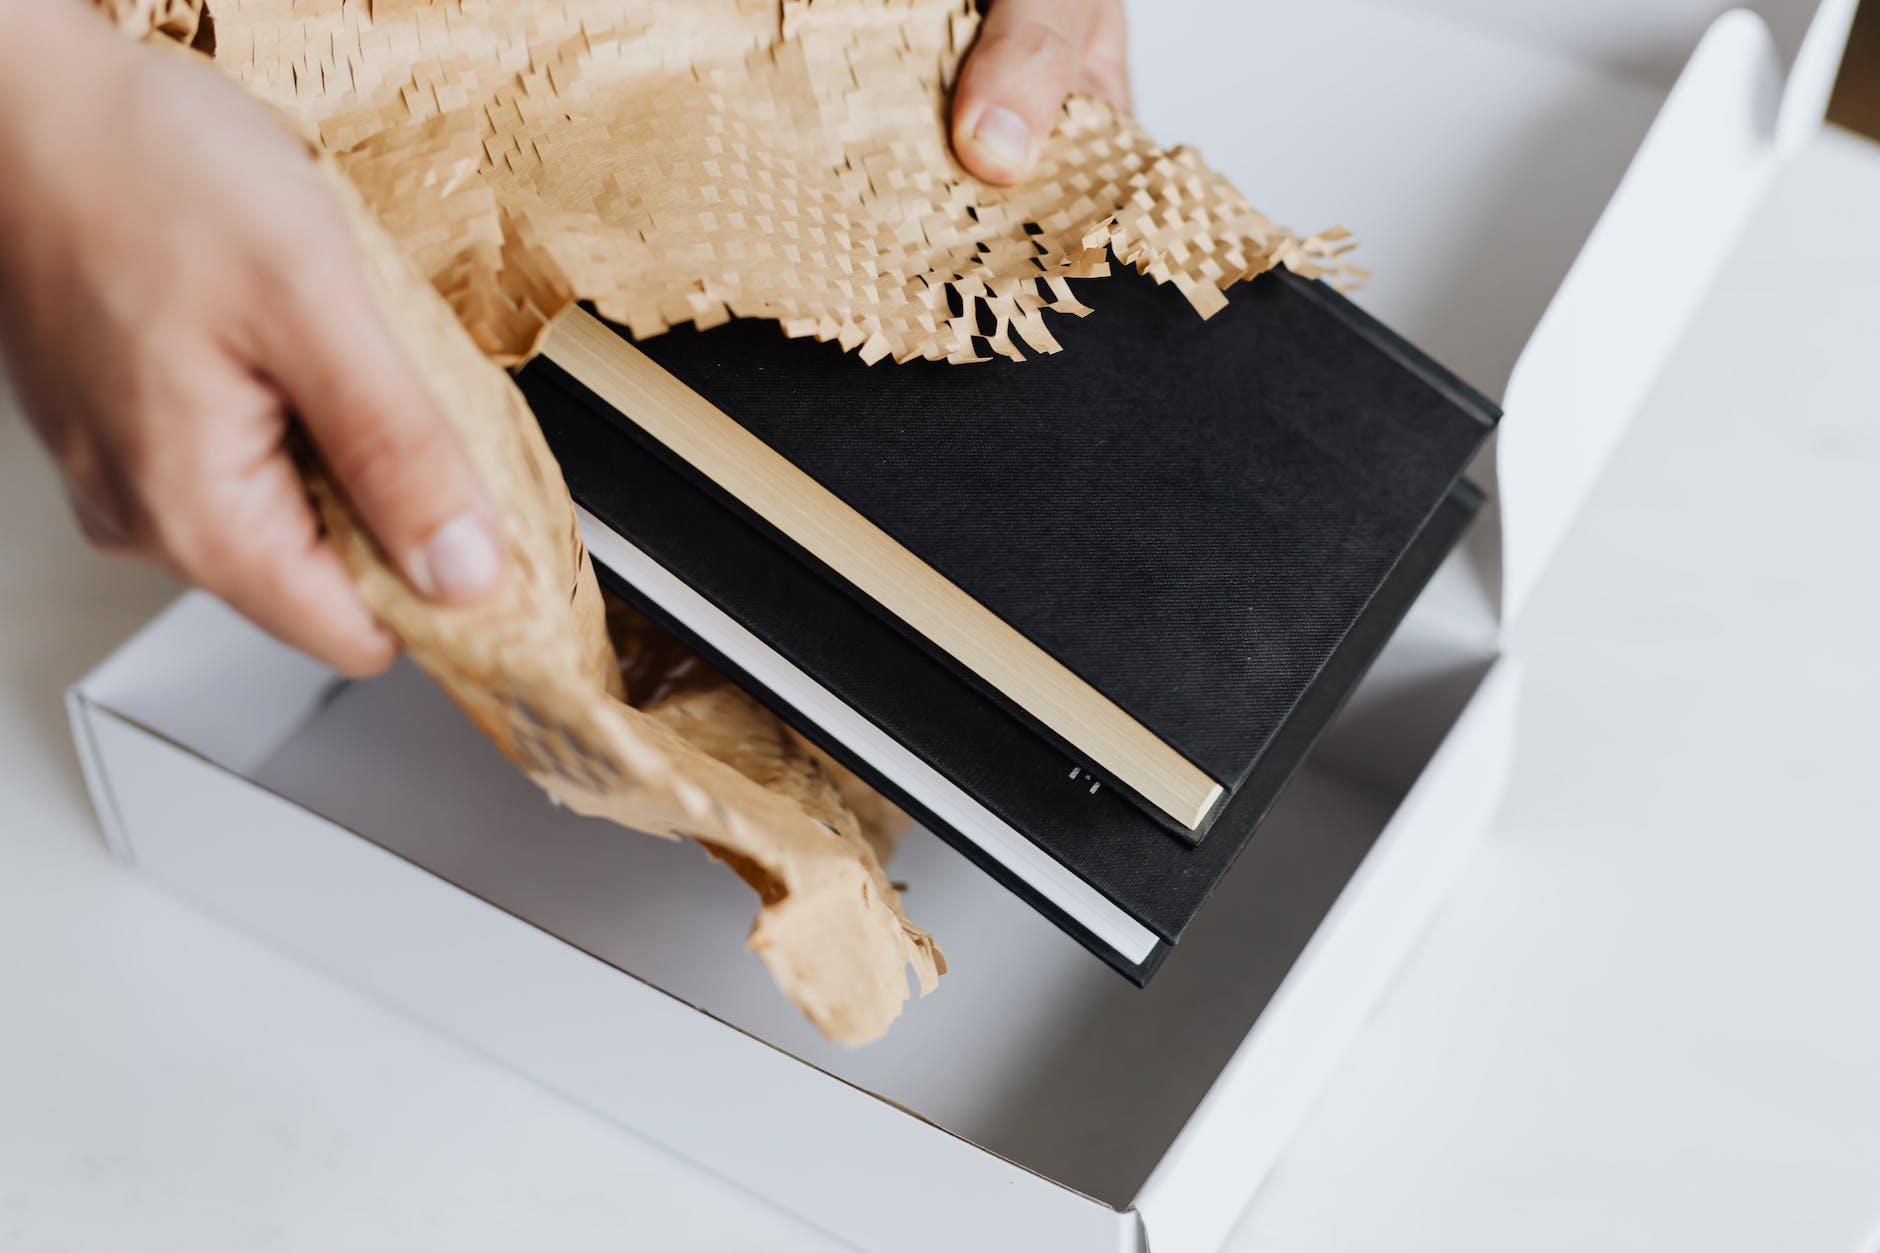 降低物流包装成本的7个步骤